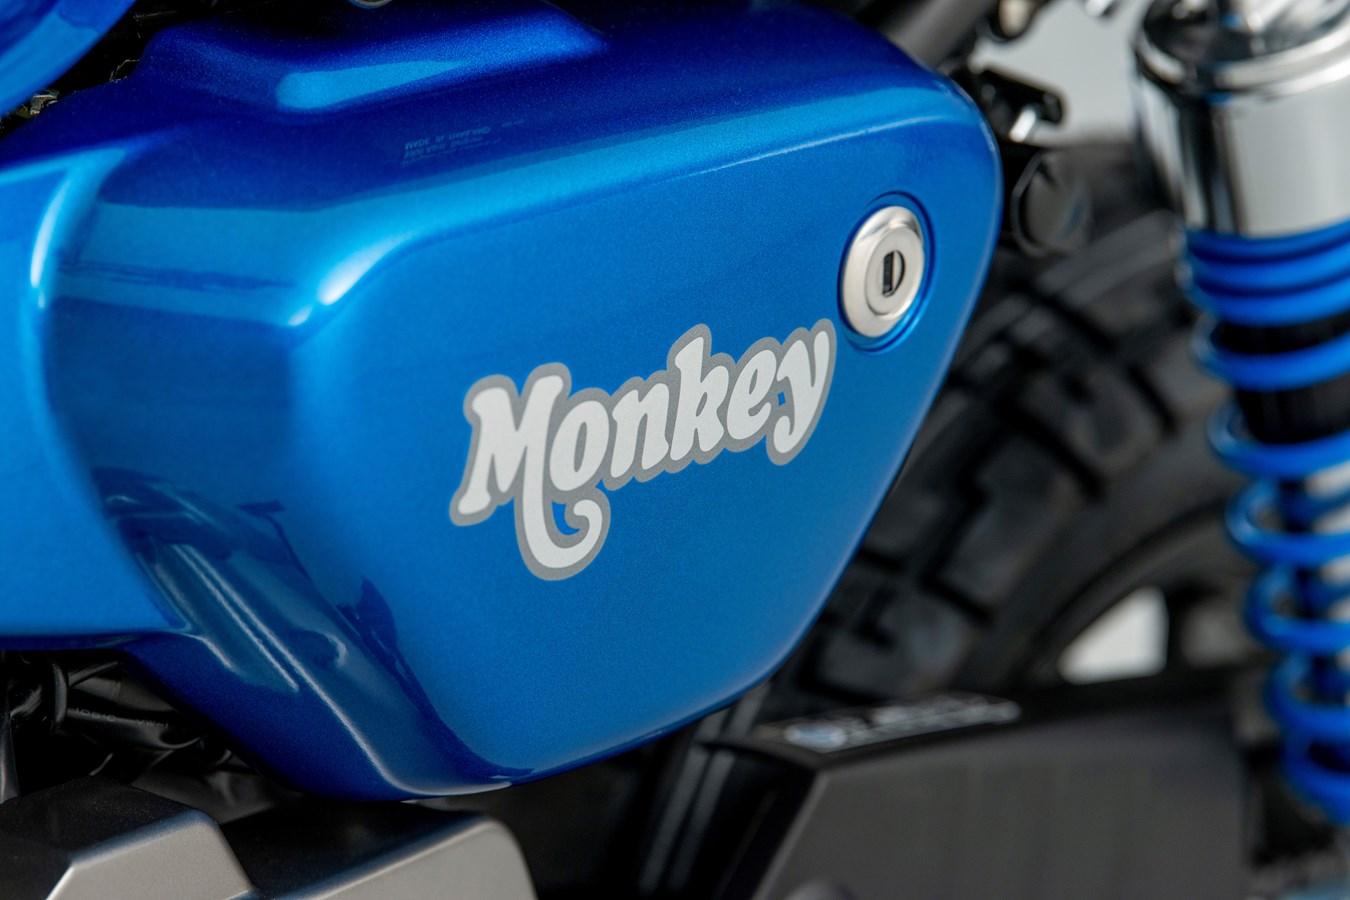 2021 Honda Monkey 125 Emblem